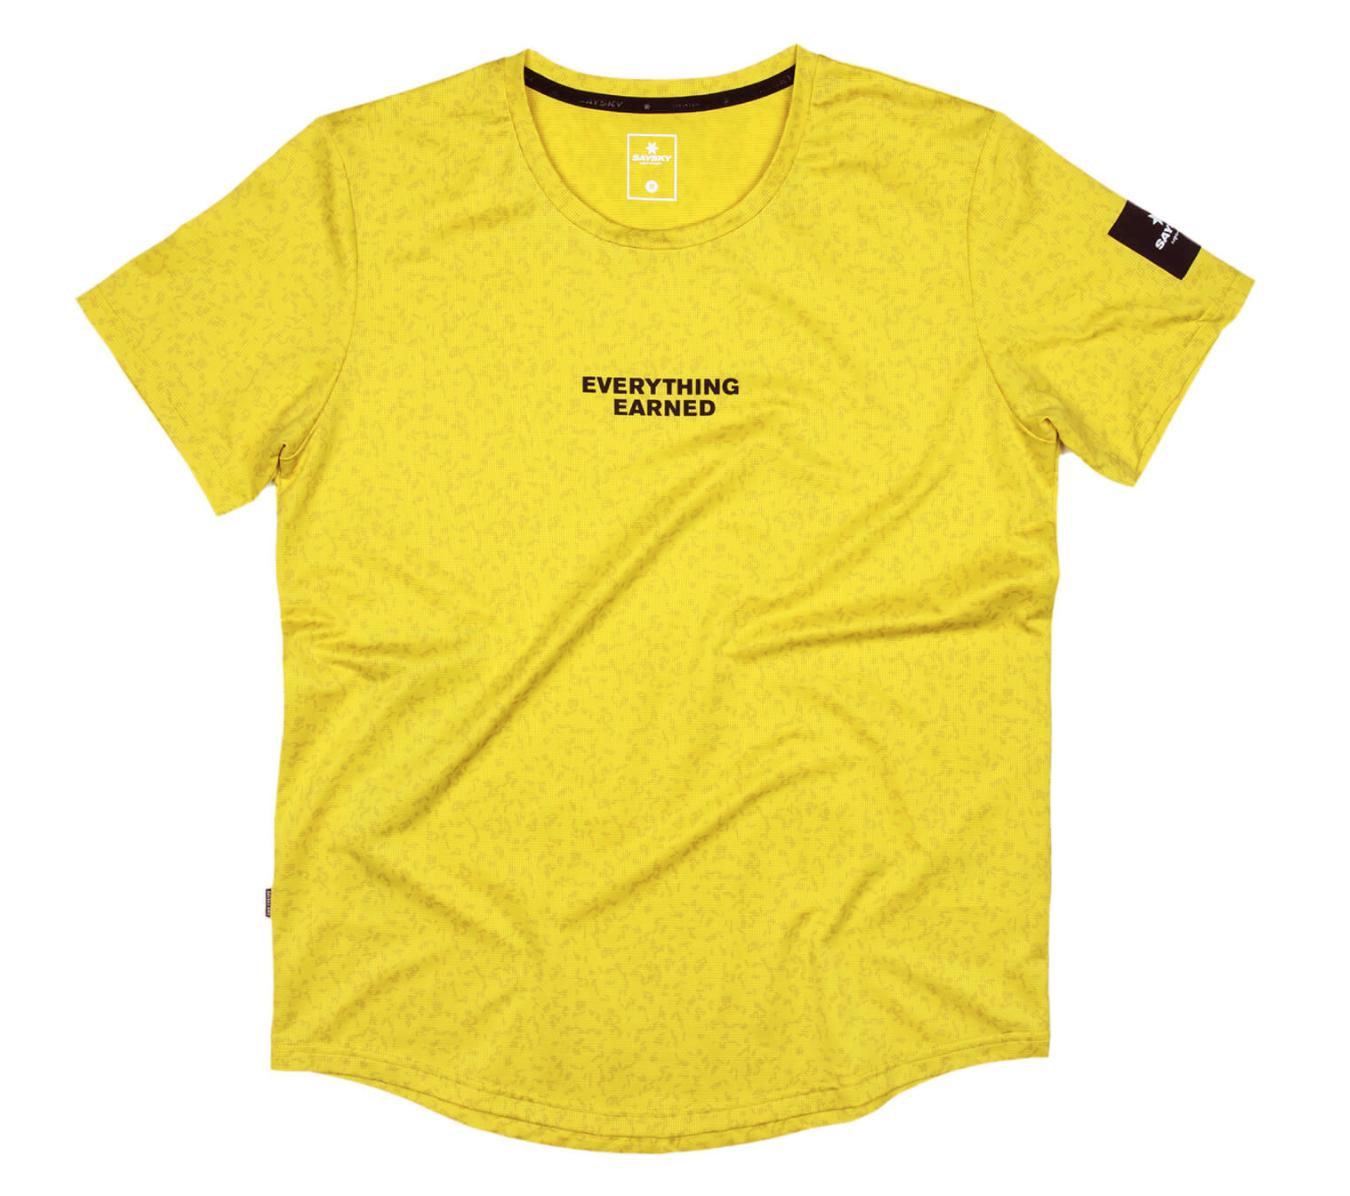 【NEW!】SAYSKY セイスカイ ランニングTシャツ FTP Combat Tee - SULPHUR MICROBES PRINT [ユニセックス] FMRSS14